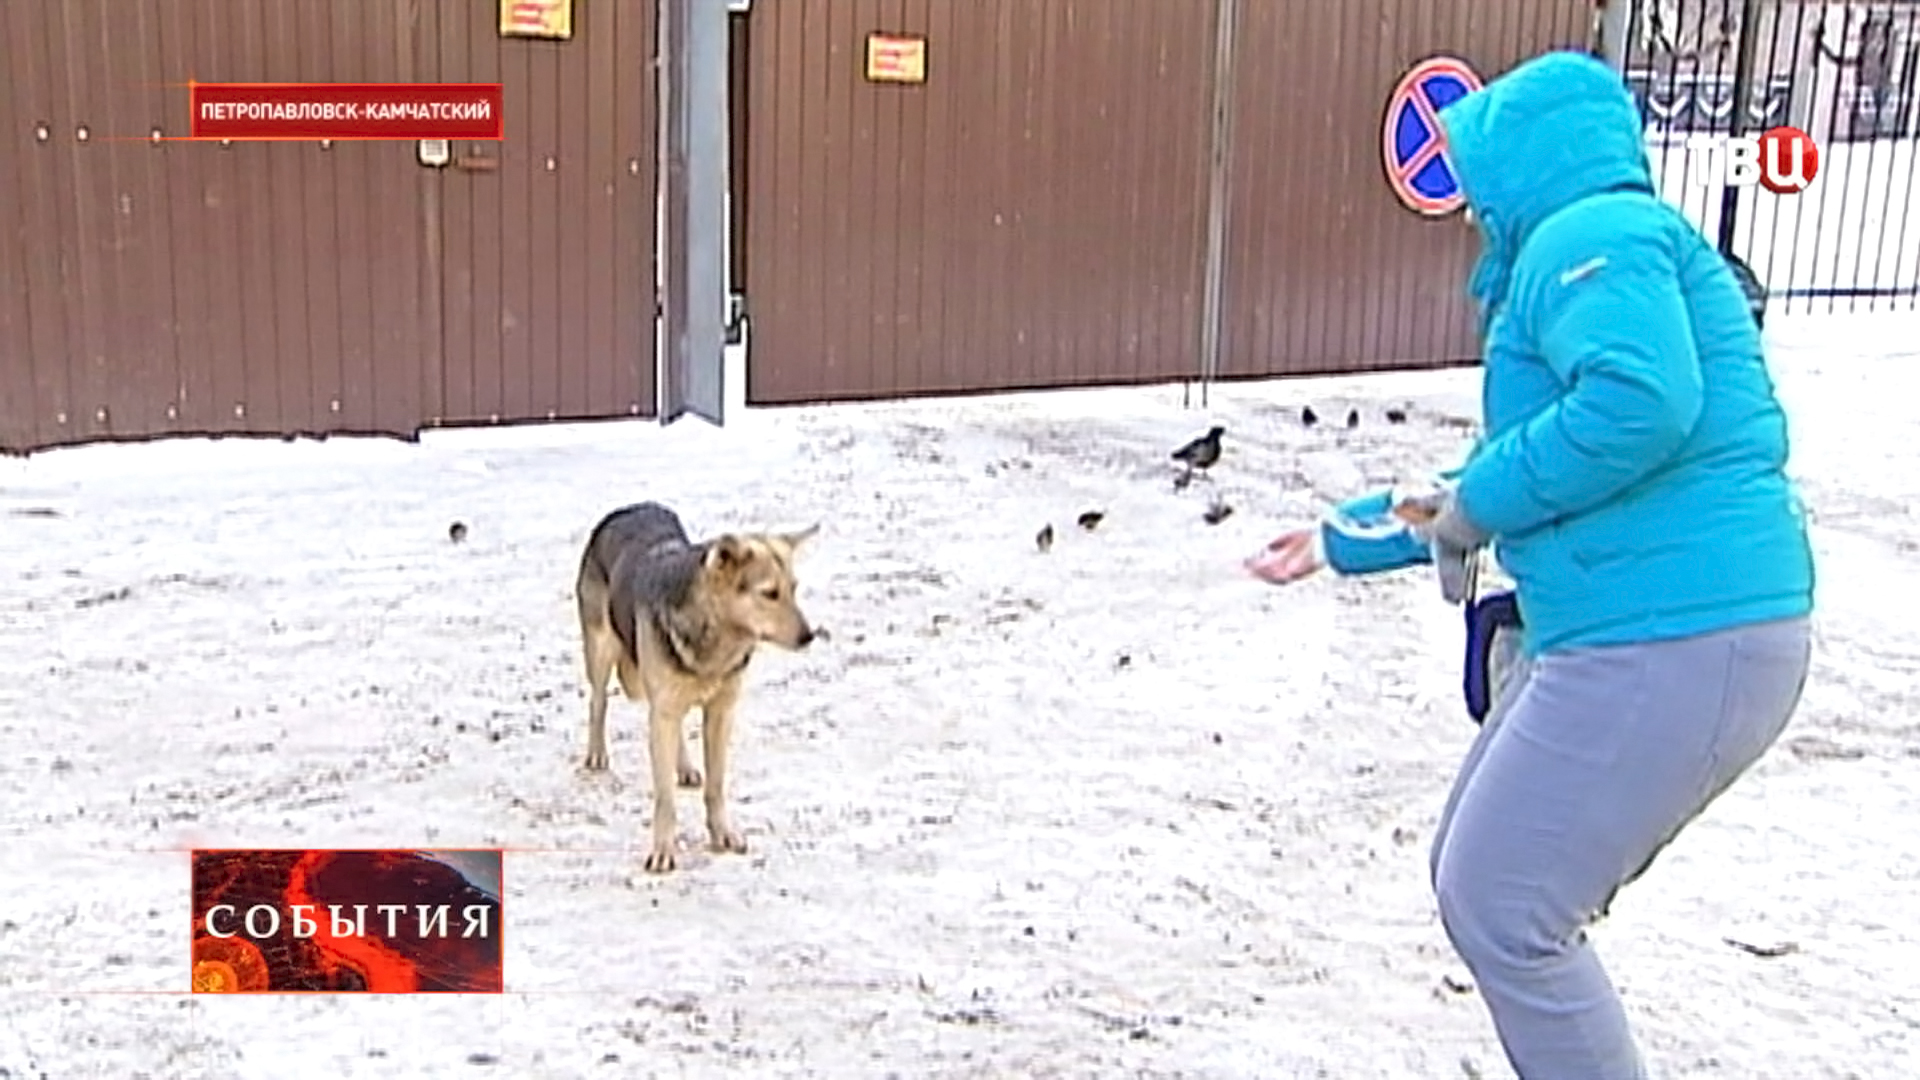 Девушка подкармливает бездомную собаку